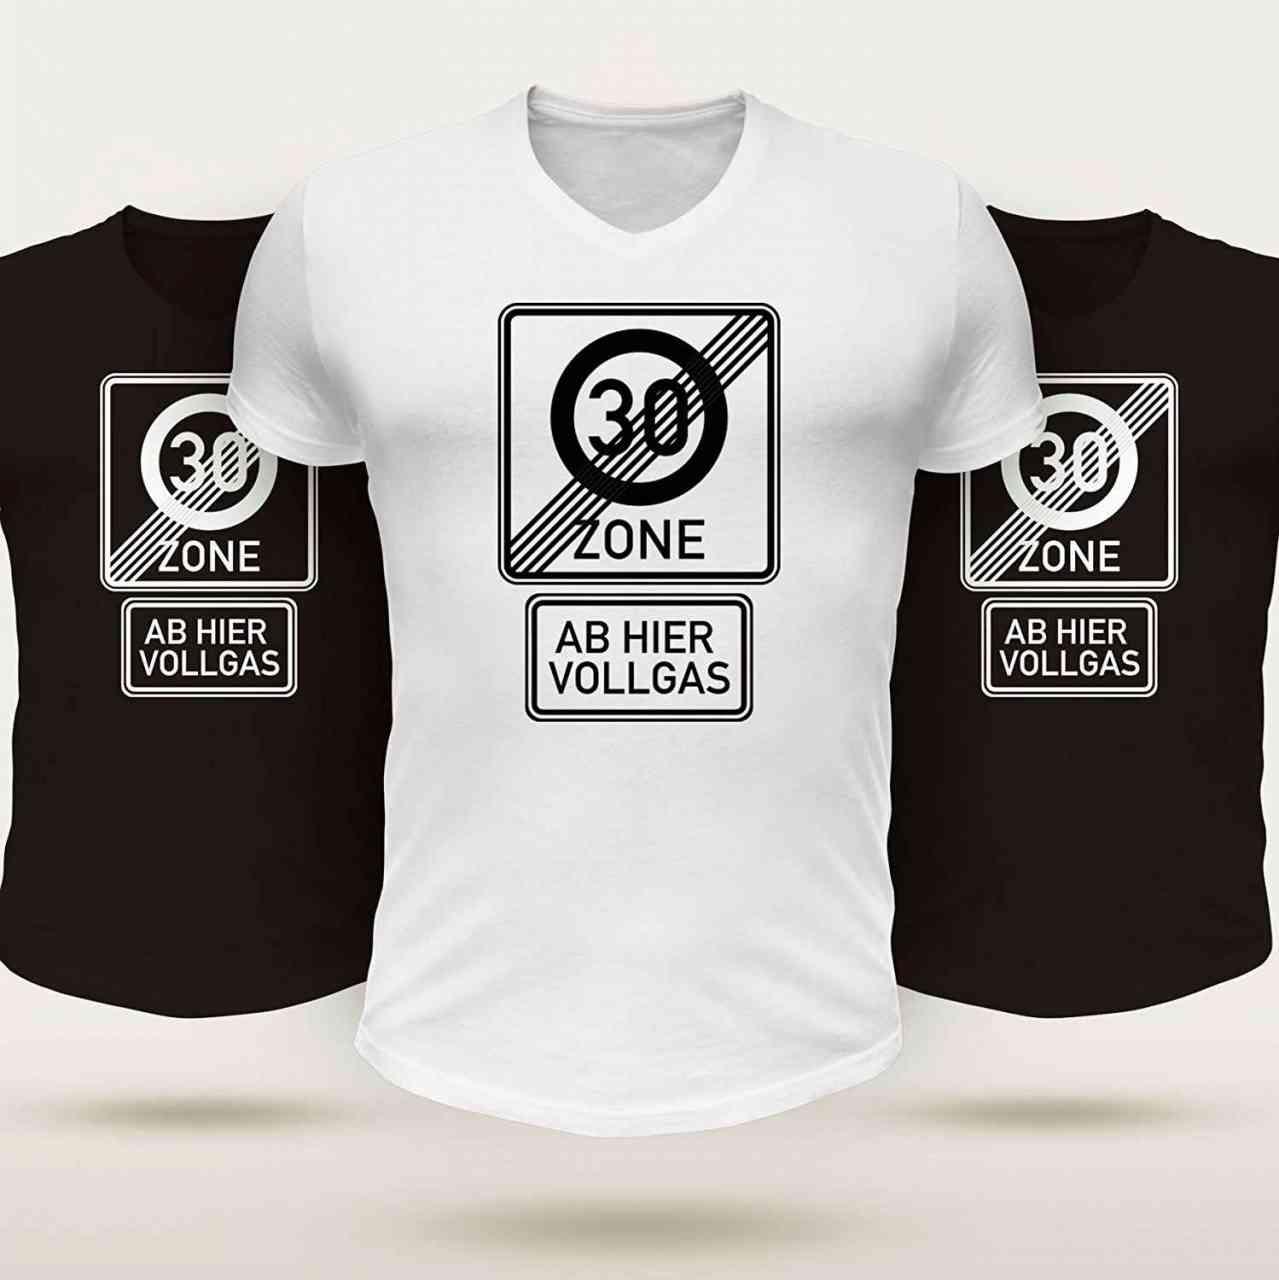 30 Zone endet - ab hier vollgas T-Shirt | Männer oder Frauen (Unisex) | Geburtstag | ü30